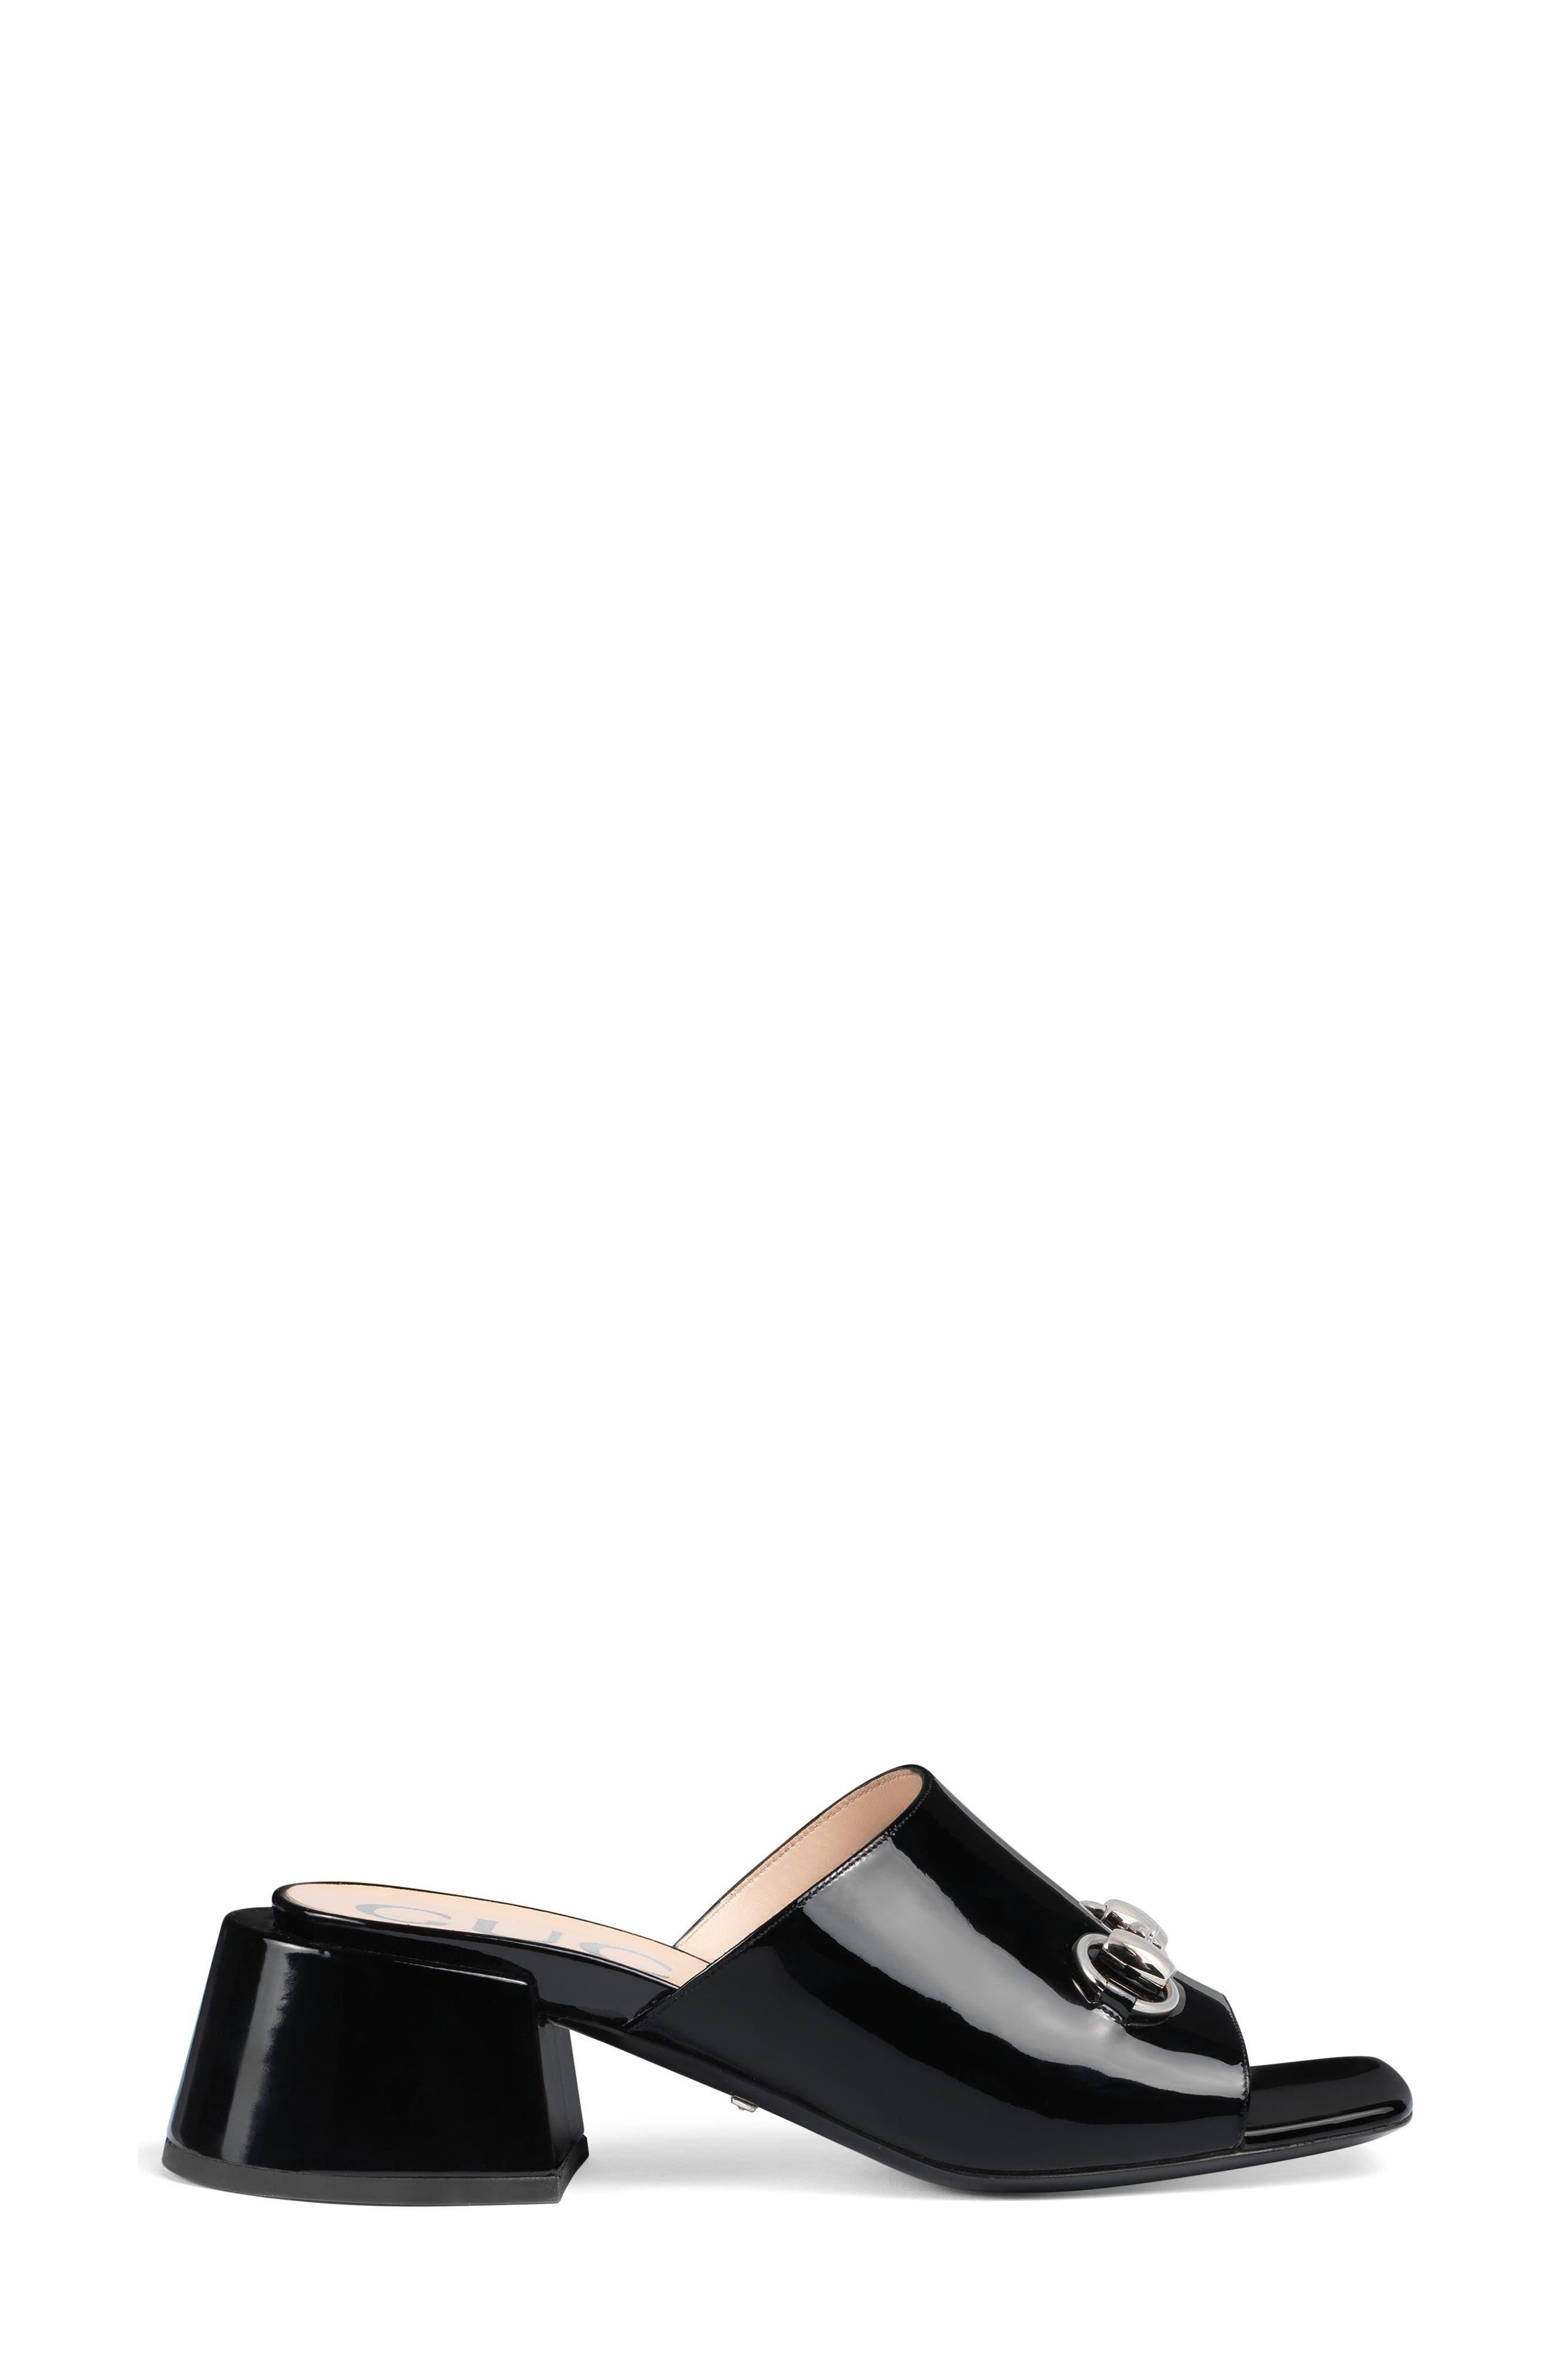 Lexi Slide Sandal,                             Alternate thumbnail 2, color,                             BLACK